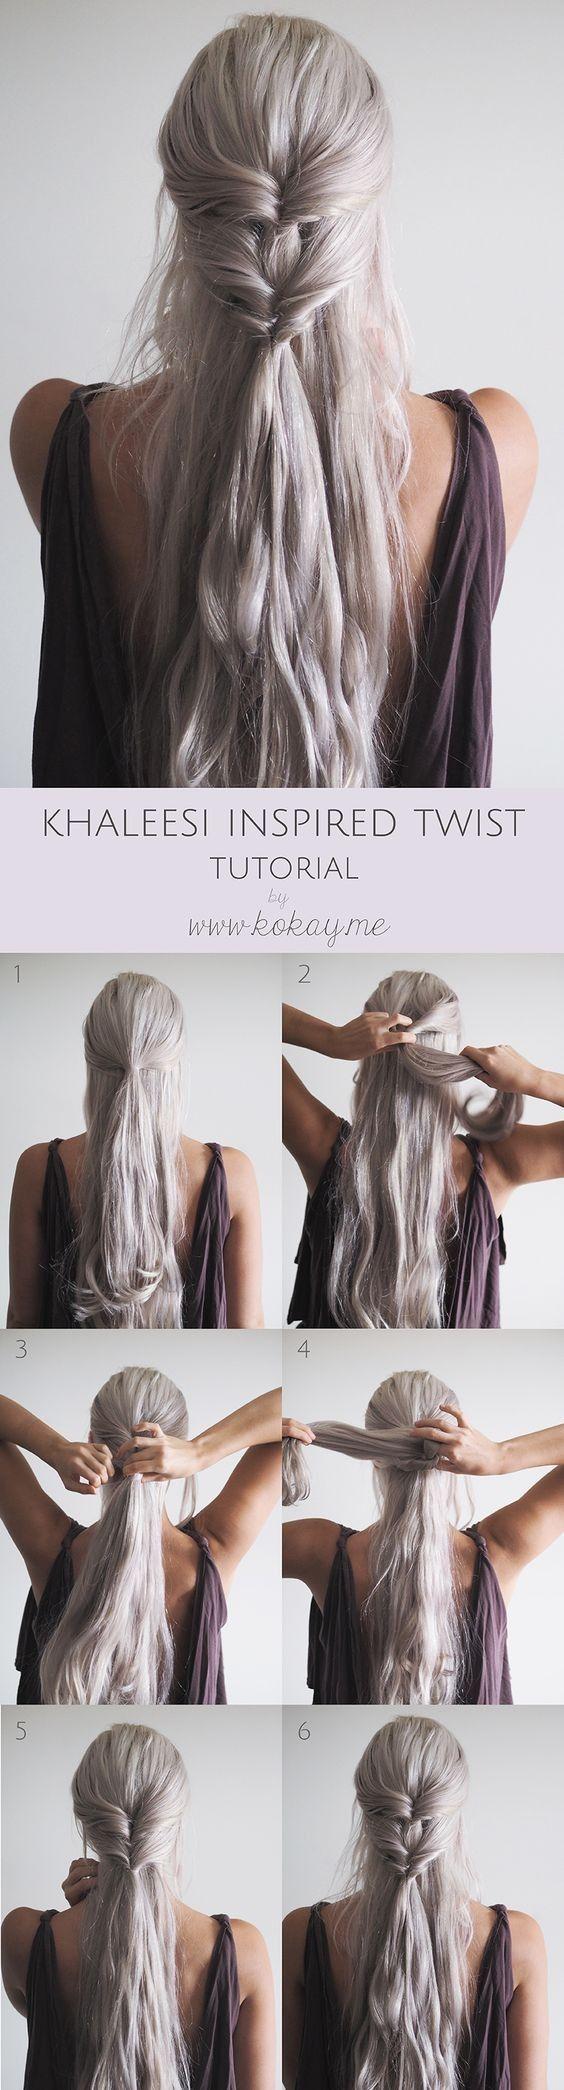 Popular on Pinterest: 'Game of Thrones' Khaleesi-Inspired Braids